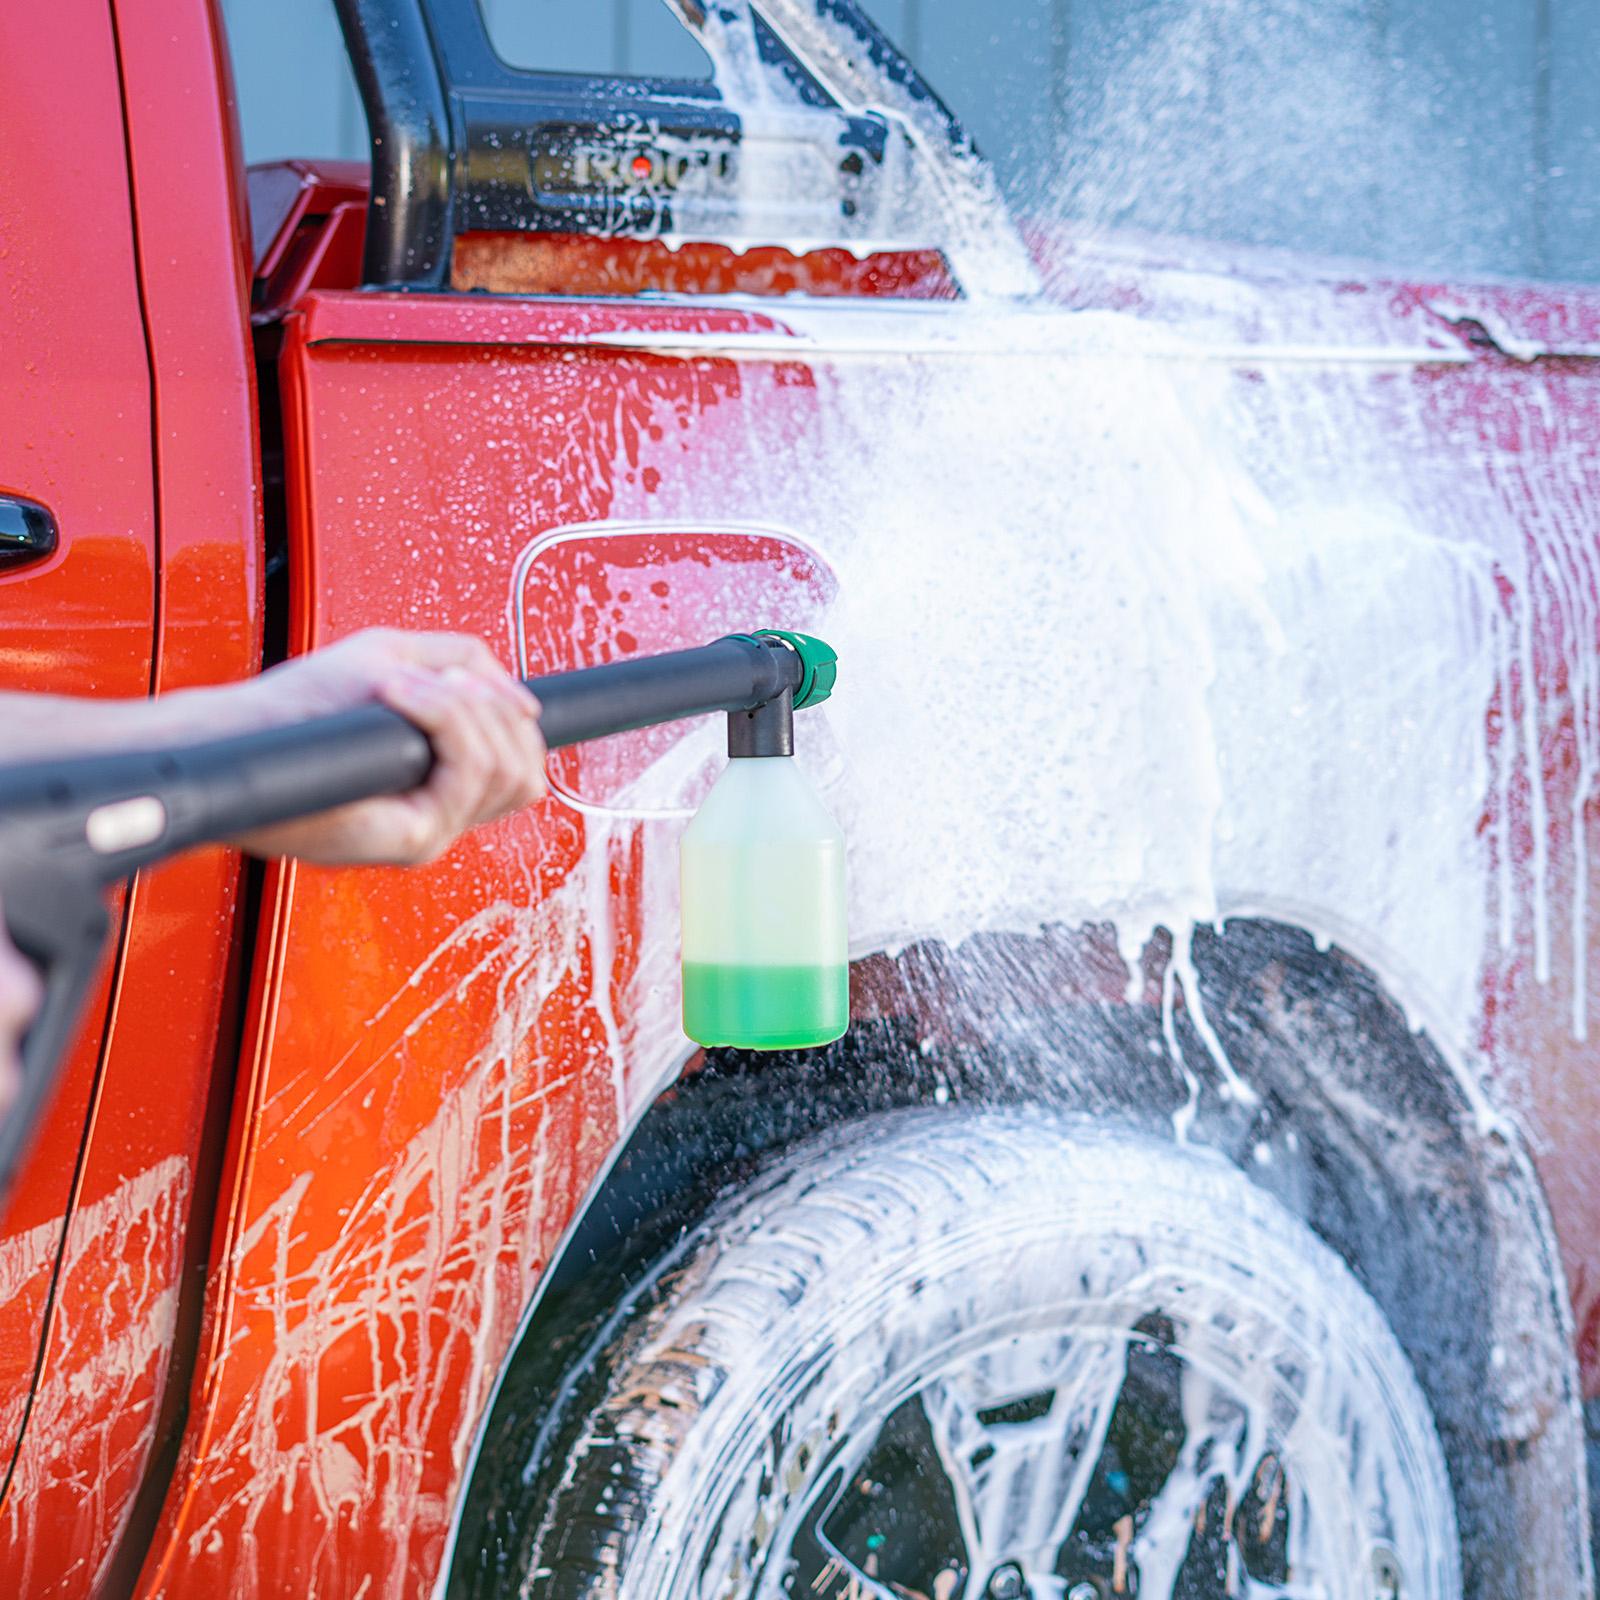 Gerni Super Foam Sprayer - Car 4WD Hilux - Multi Wash Detergent